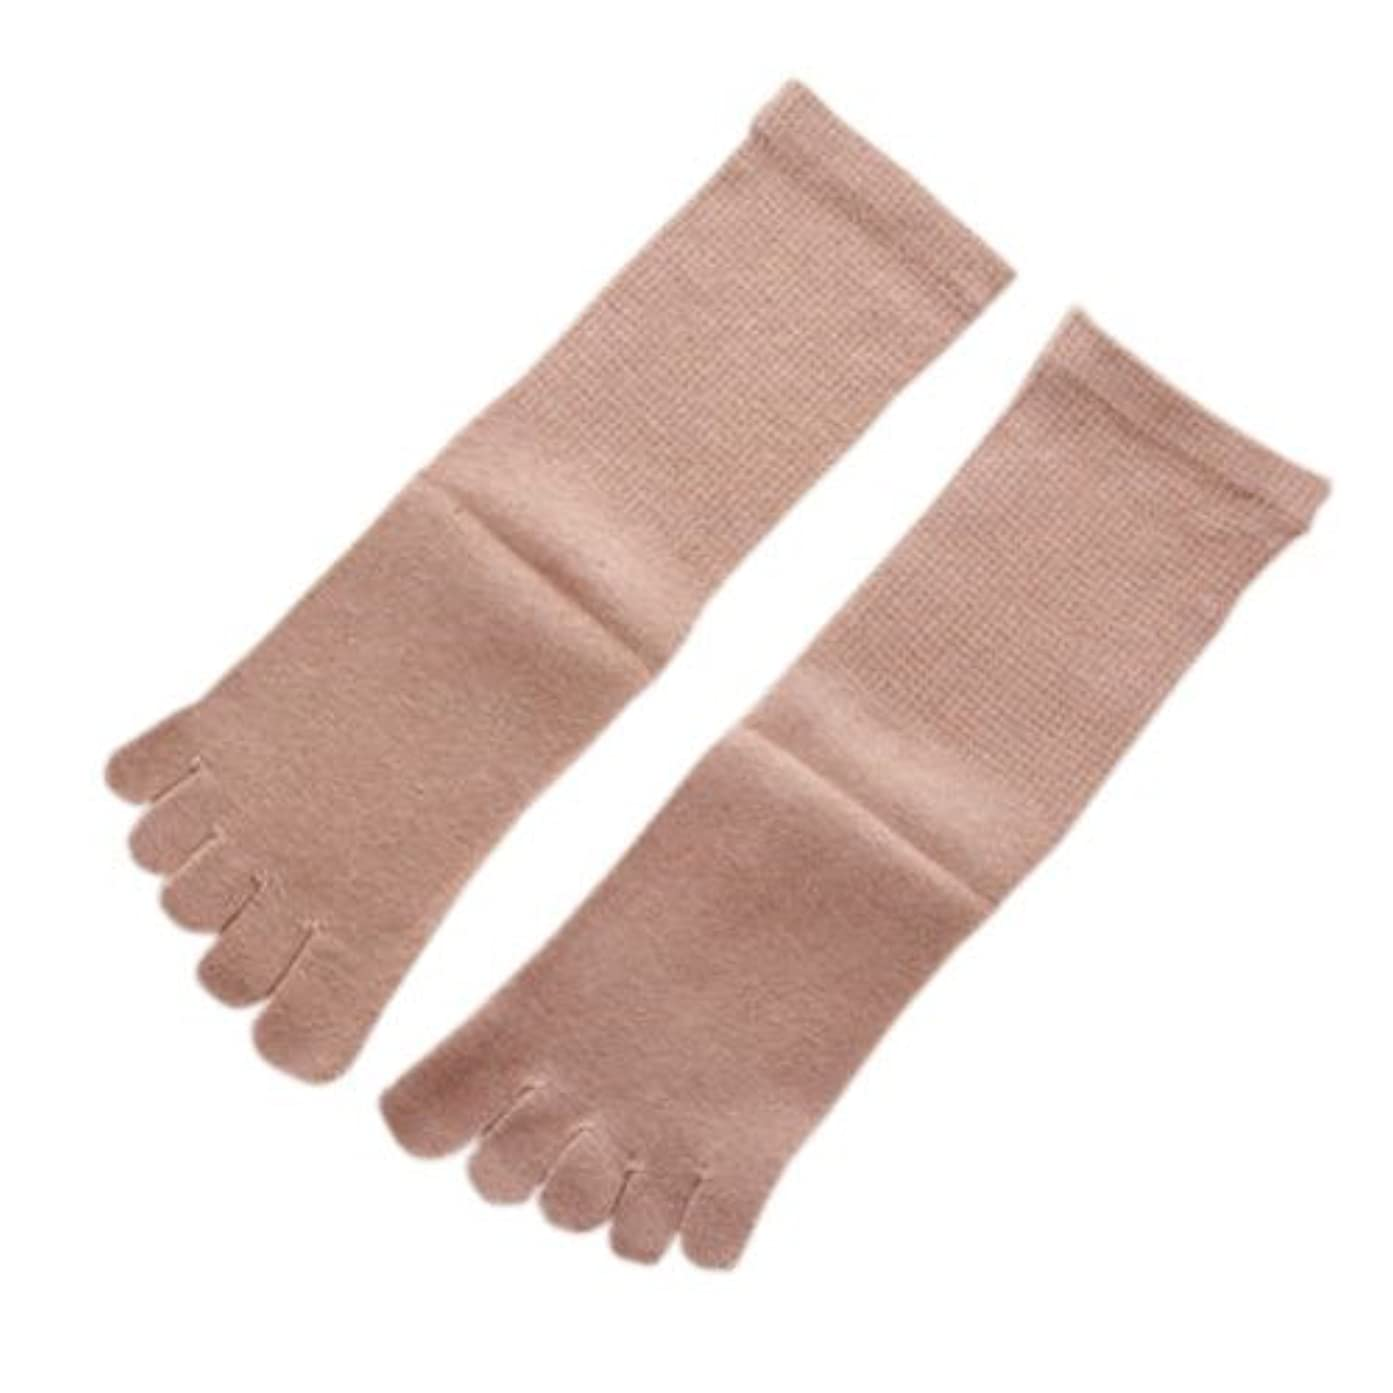 こしょう神聖思いつくオーガニックコットン 五本指ソックスシルク混L(25-27cm) ブラウン:履くだけで足のつぼをマッサージし、むくみや疲れを軽減します。